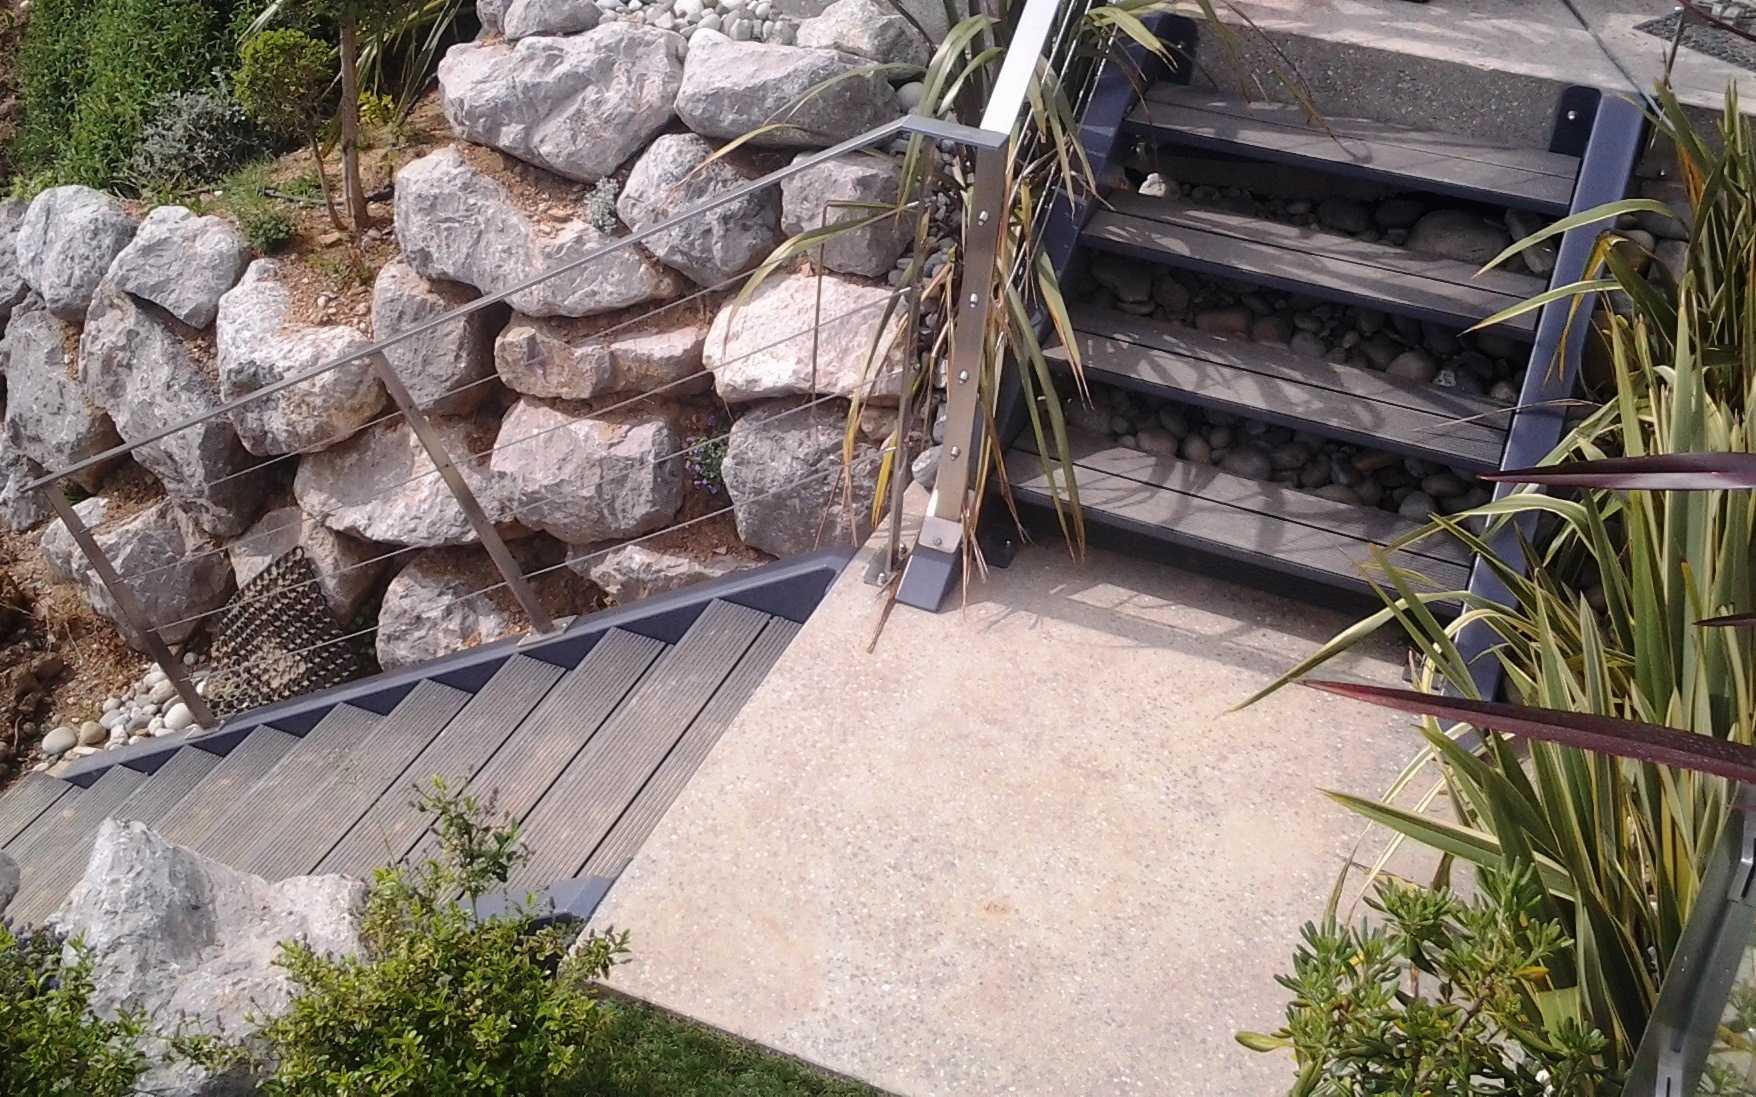 terrasse suspendue ipn dsc terrasse sur pilotis couverte terrasse suspendue en fer photo de. Black Bedroom Furniture Sets. Home Design Ideas